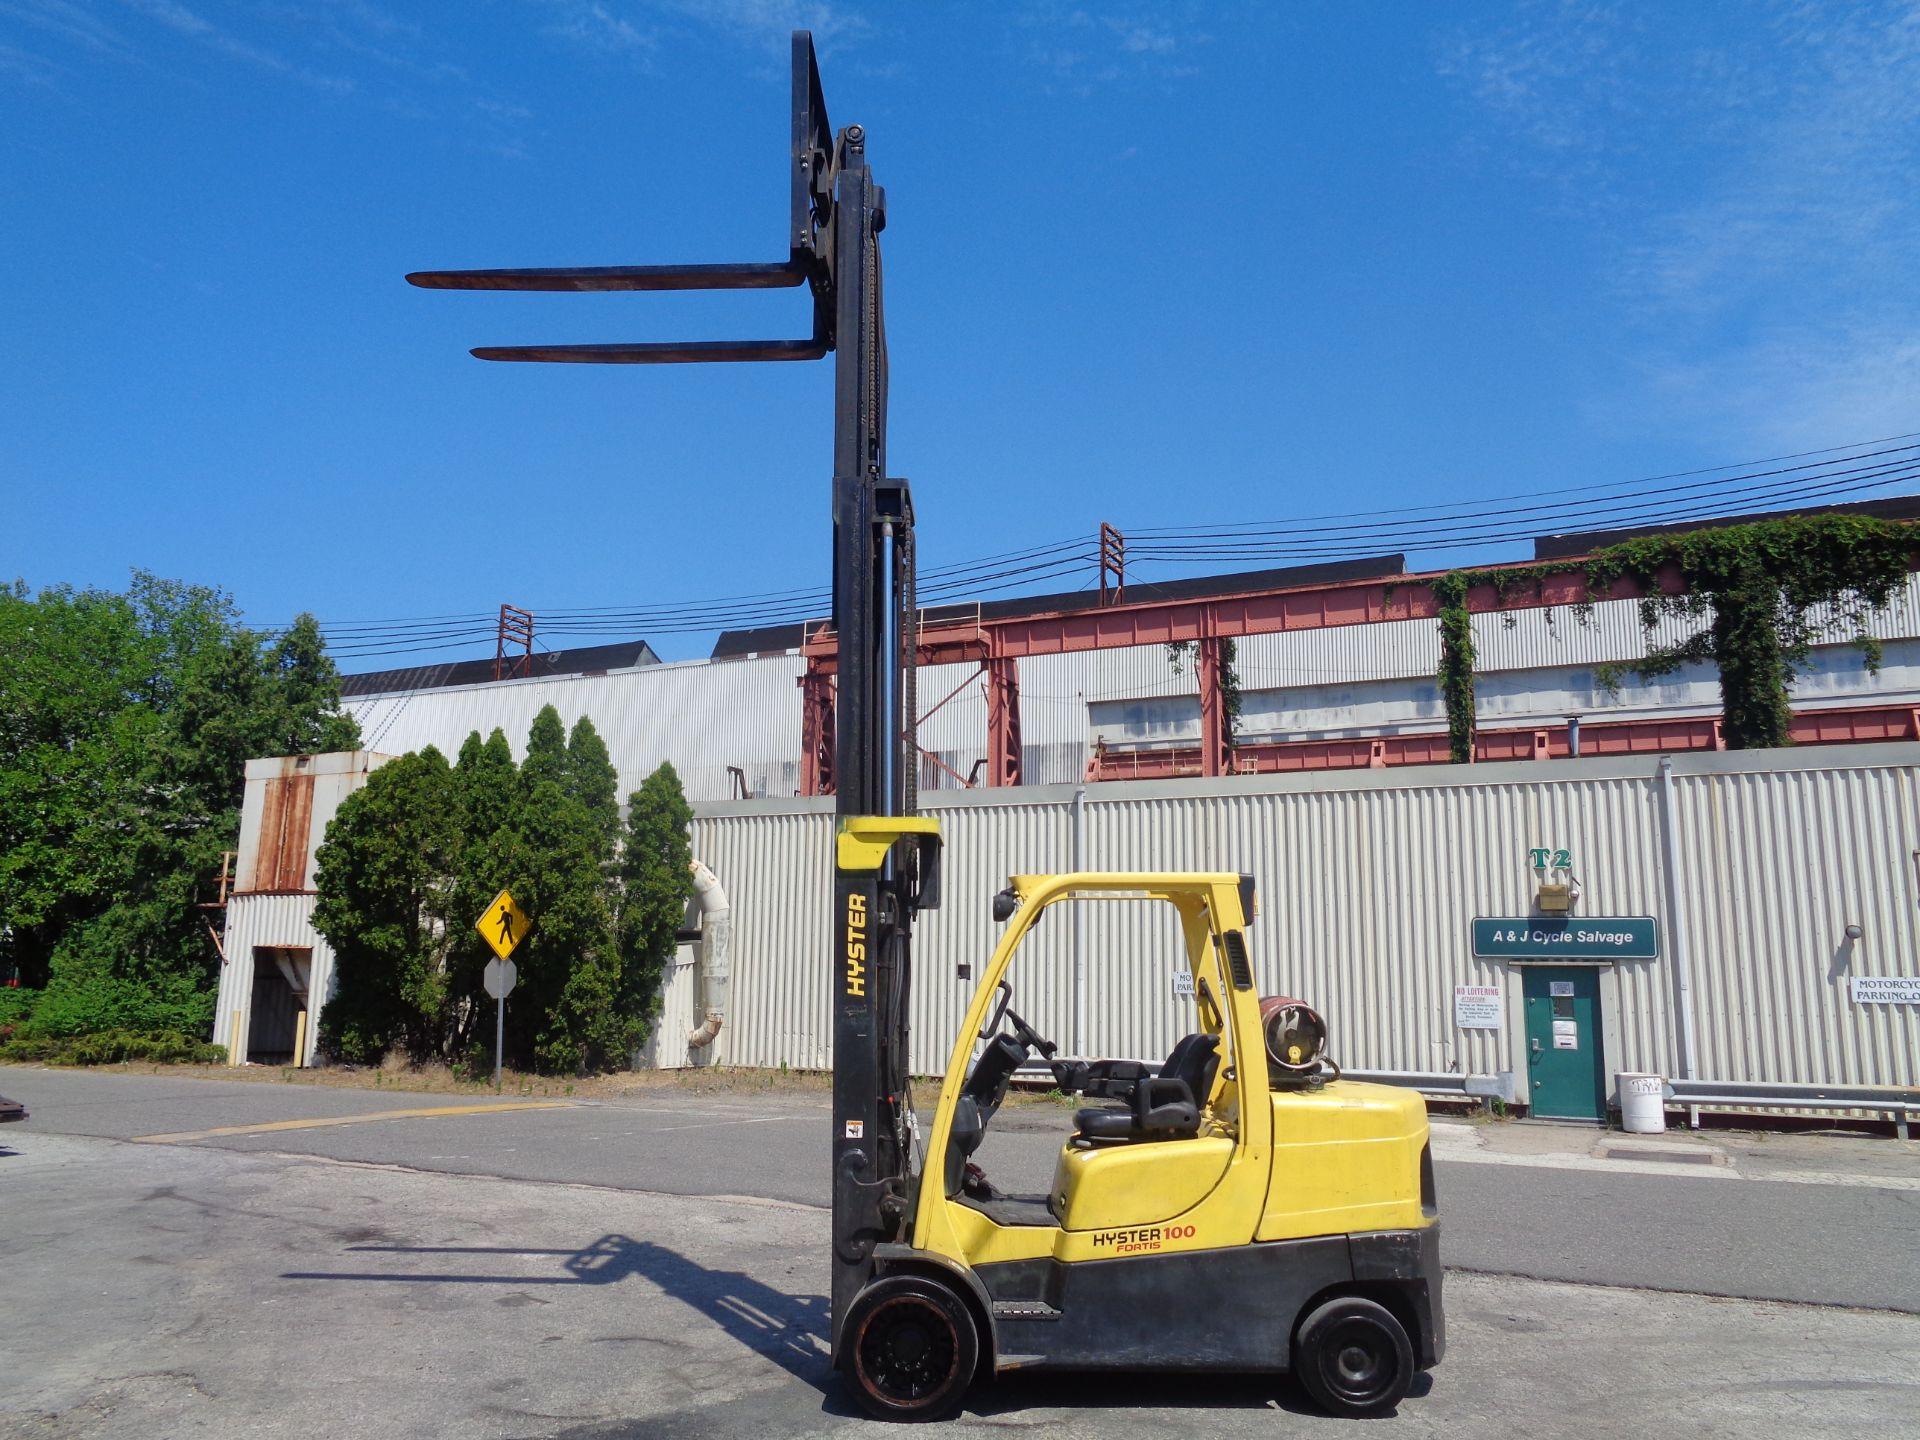 Hyster S100FT 10,000lb Forklift - Image 15 of 19